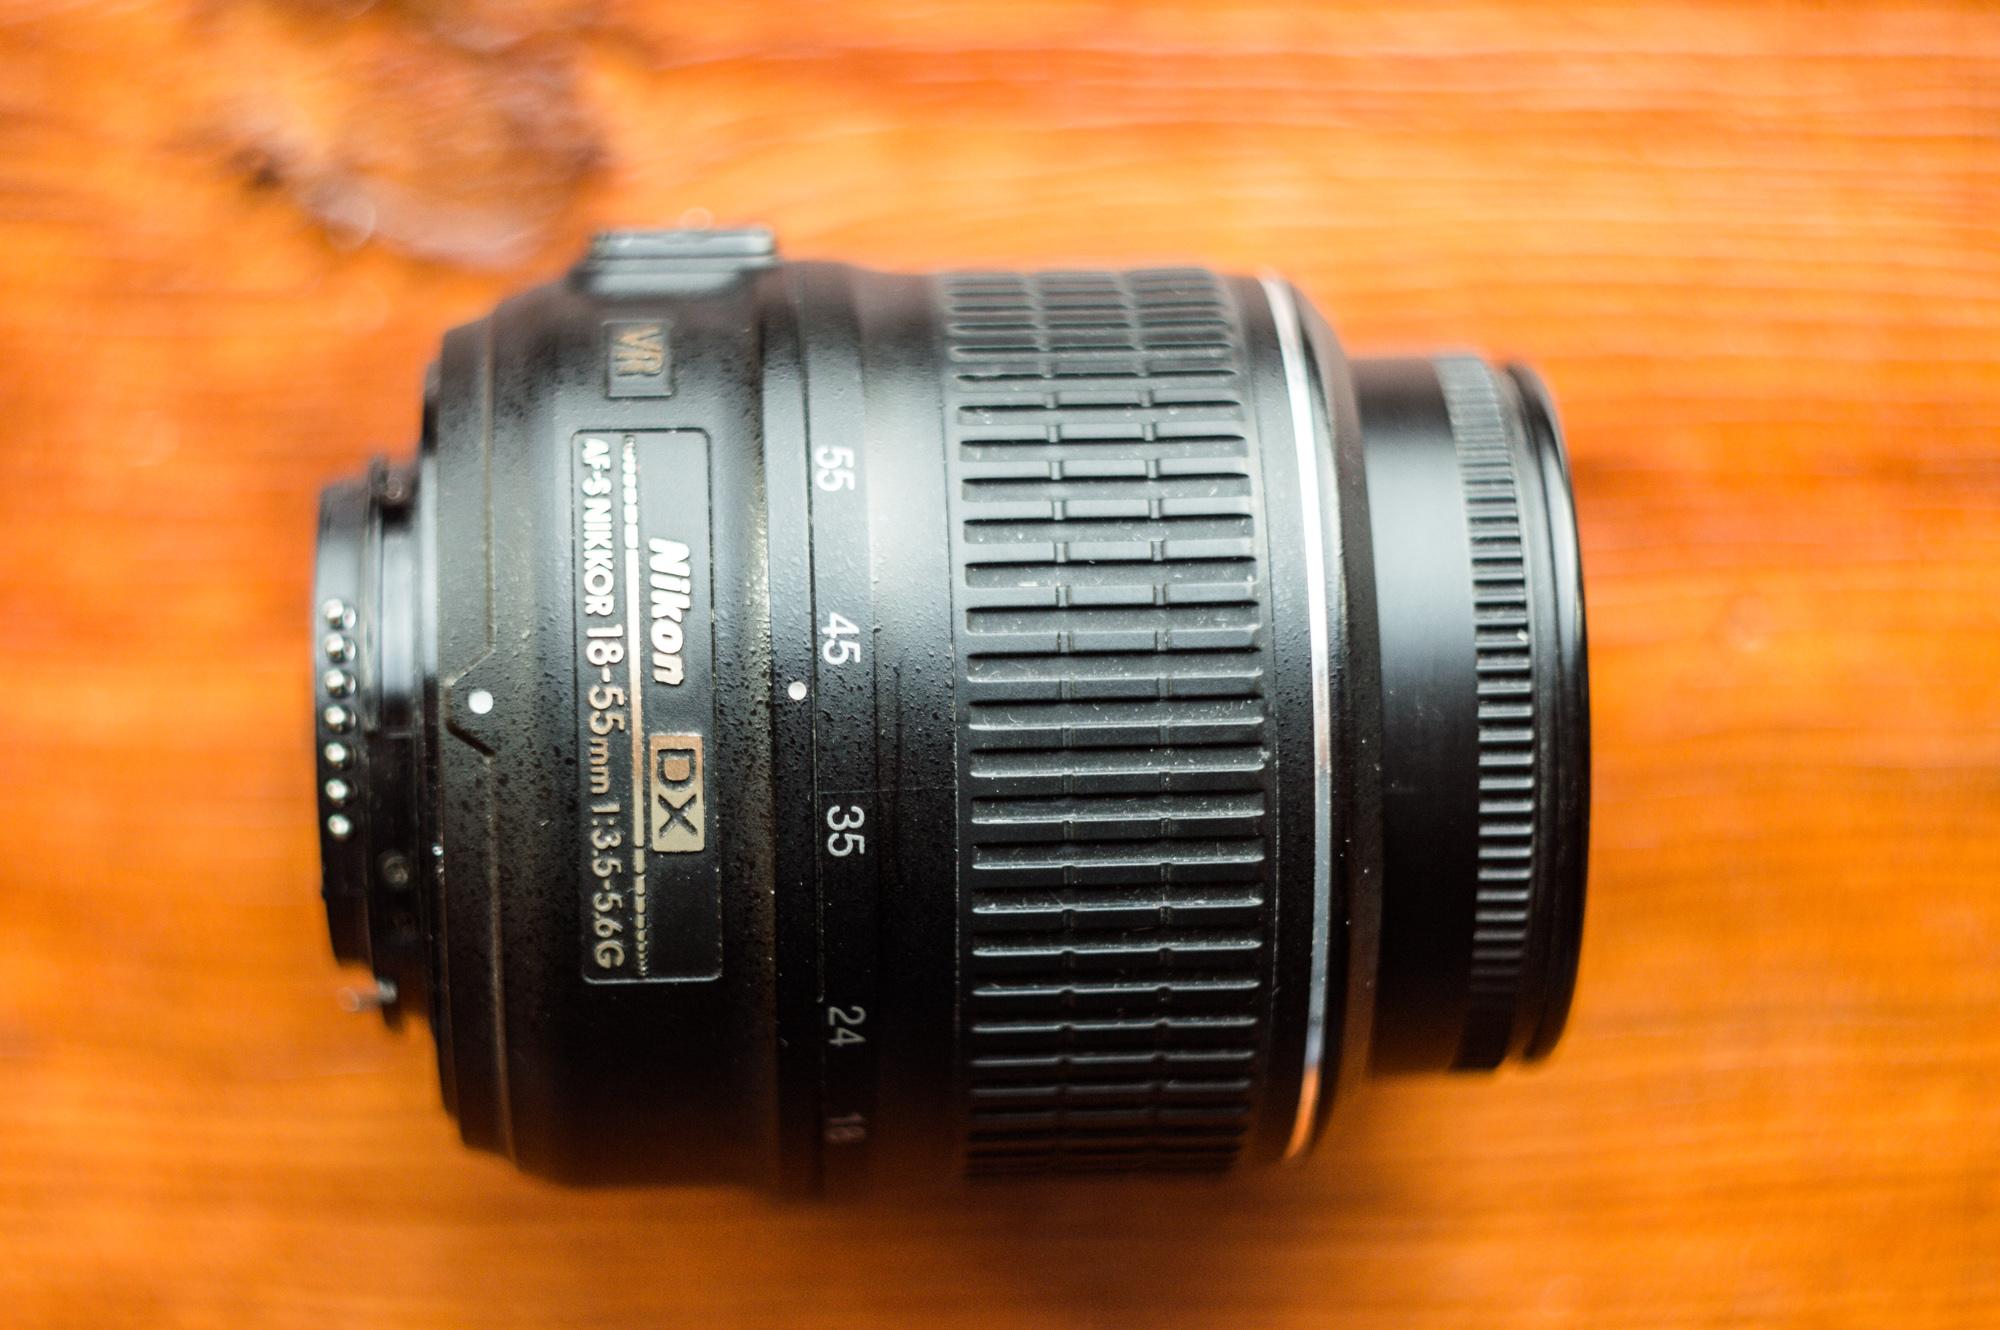 Nikon 18-55